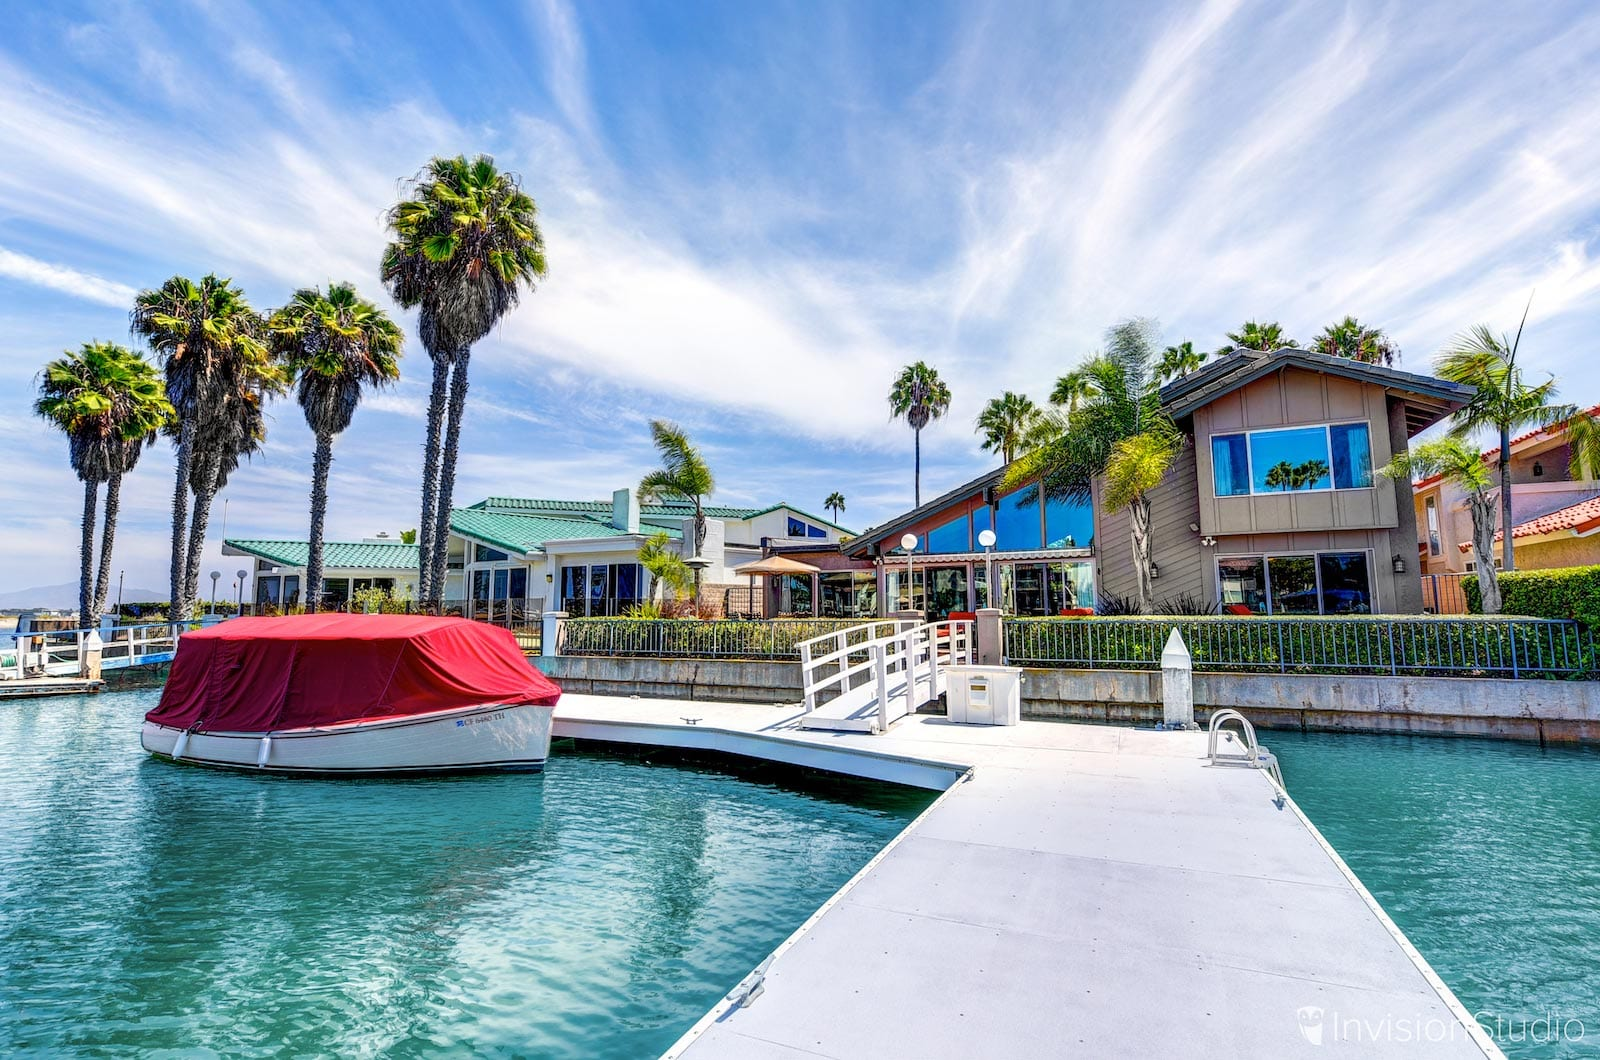 Coronado Virtual Tour Photographer | Coronado Aerial Photography Services | Coronado HDR Real Estate Photography Services | Coronado Matterport 3D Tours